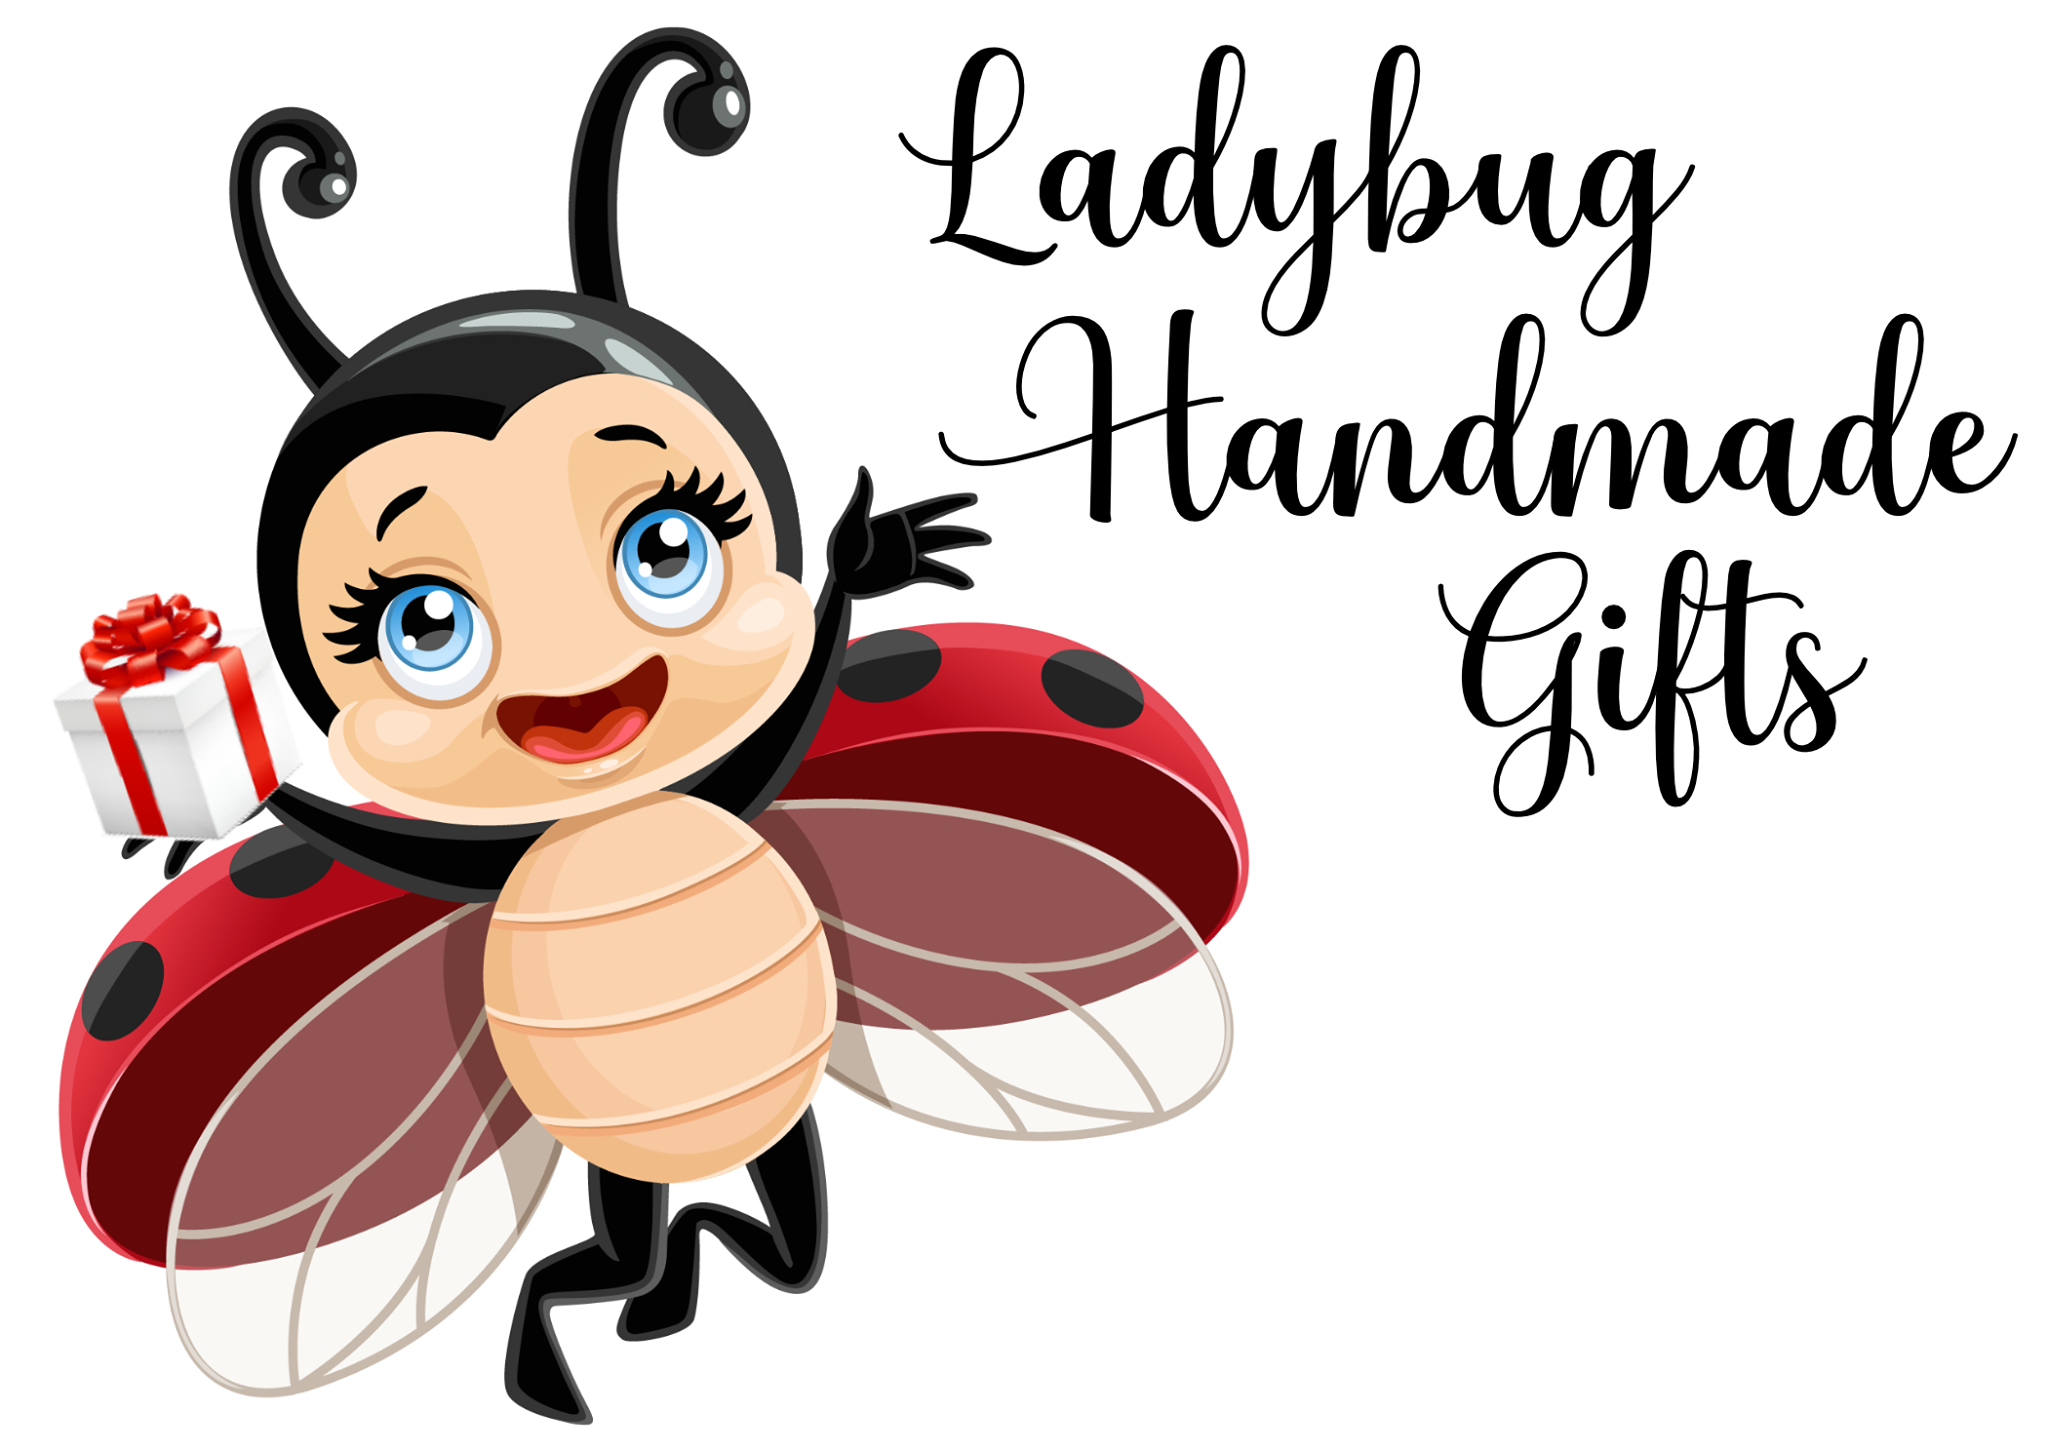 Ladybug Handmade Gifts